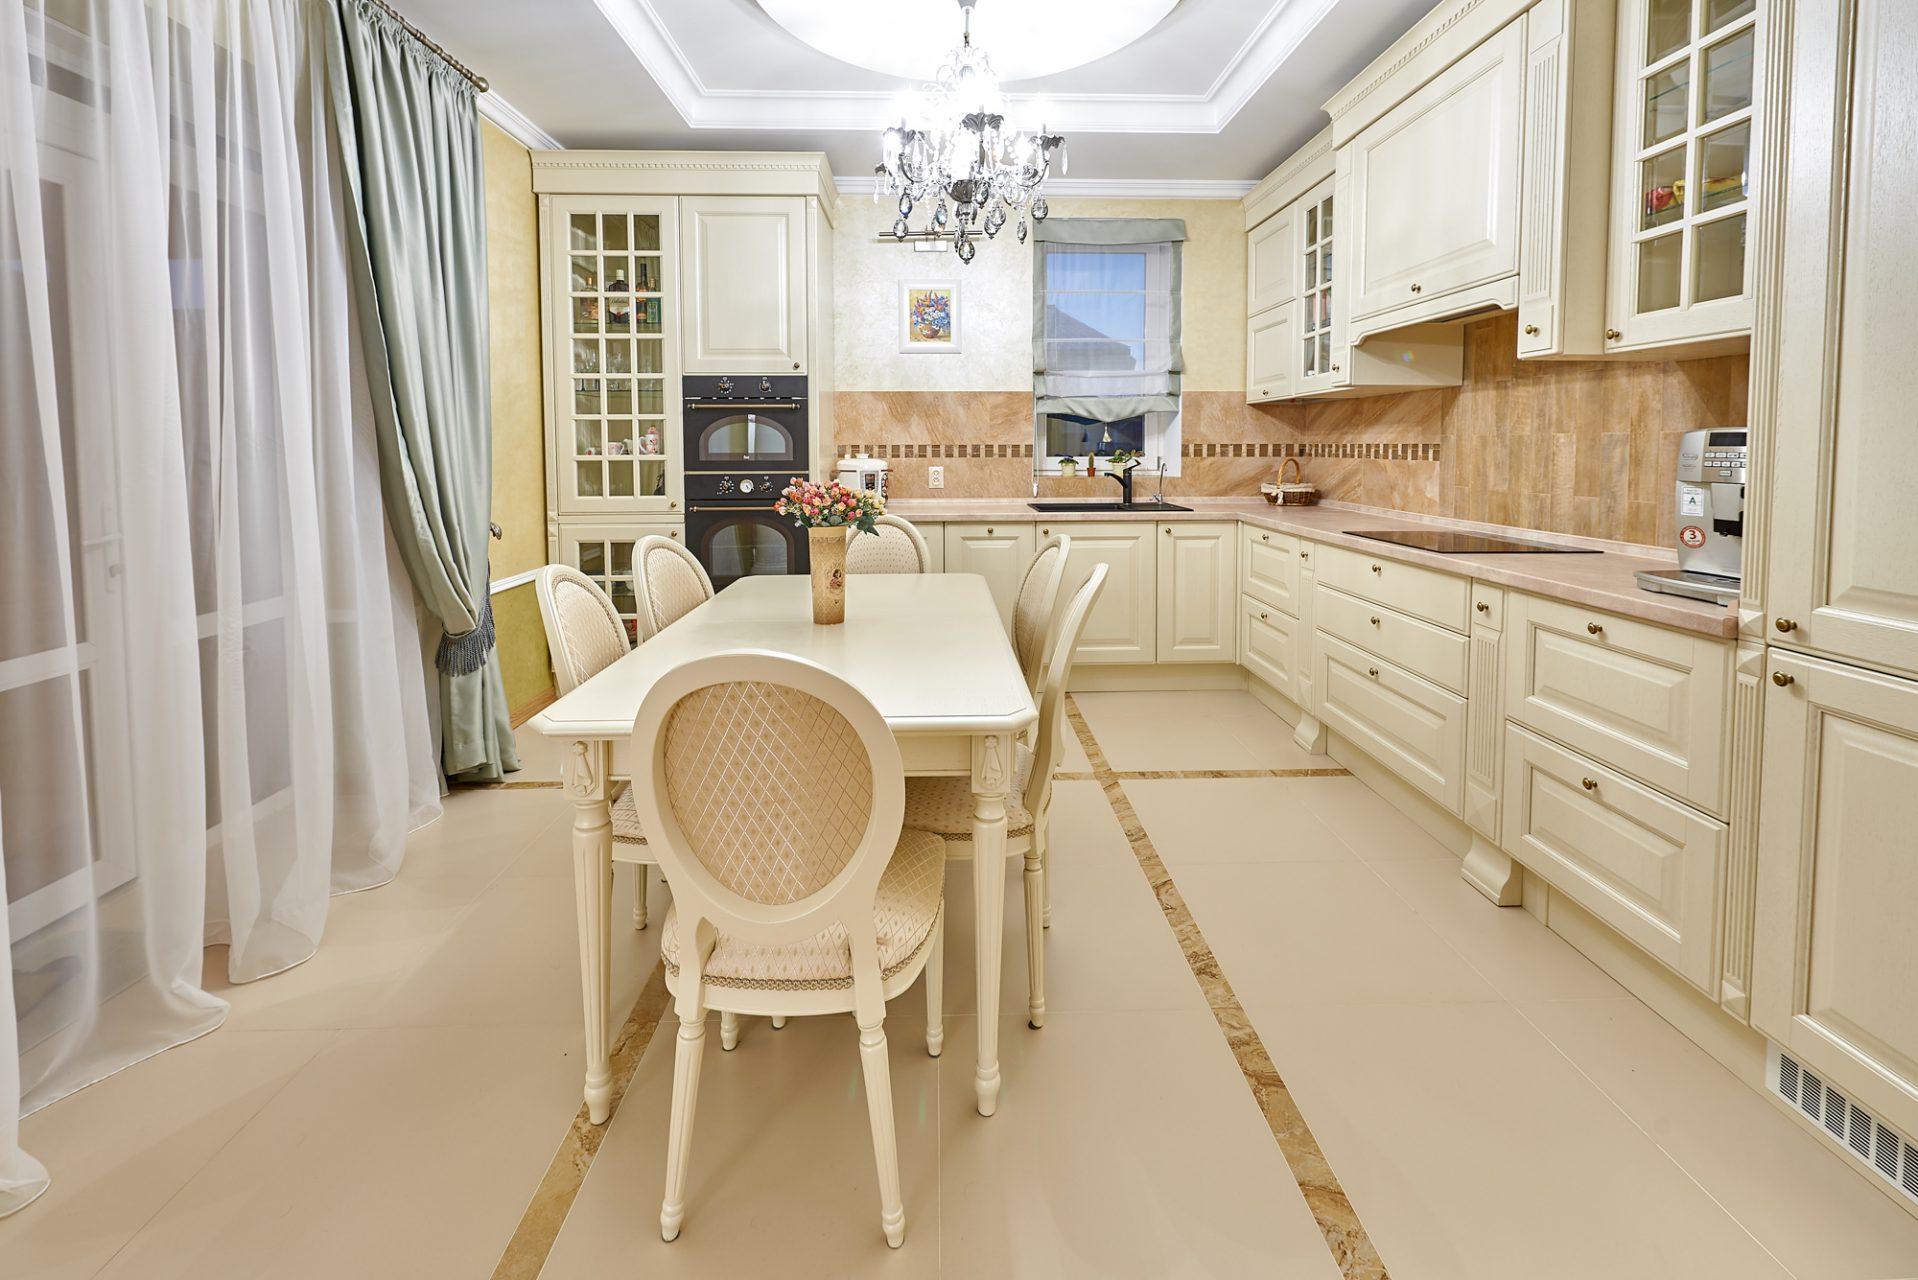 007_interior_kitchen3_korneychikeu